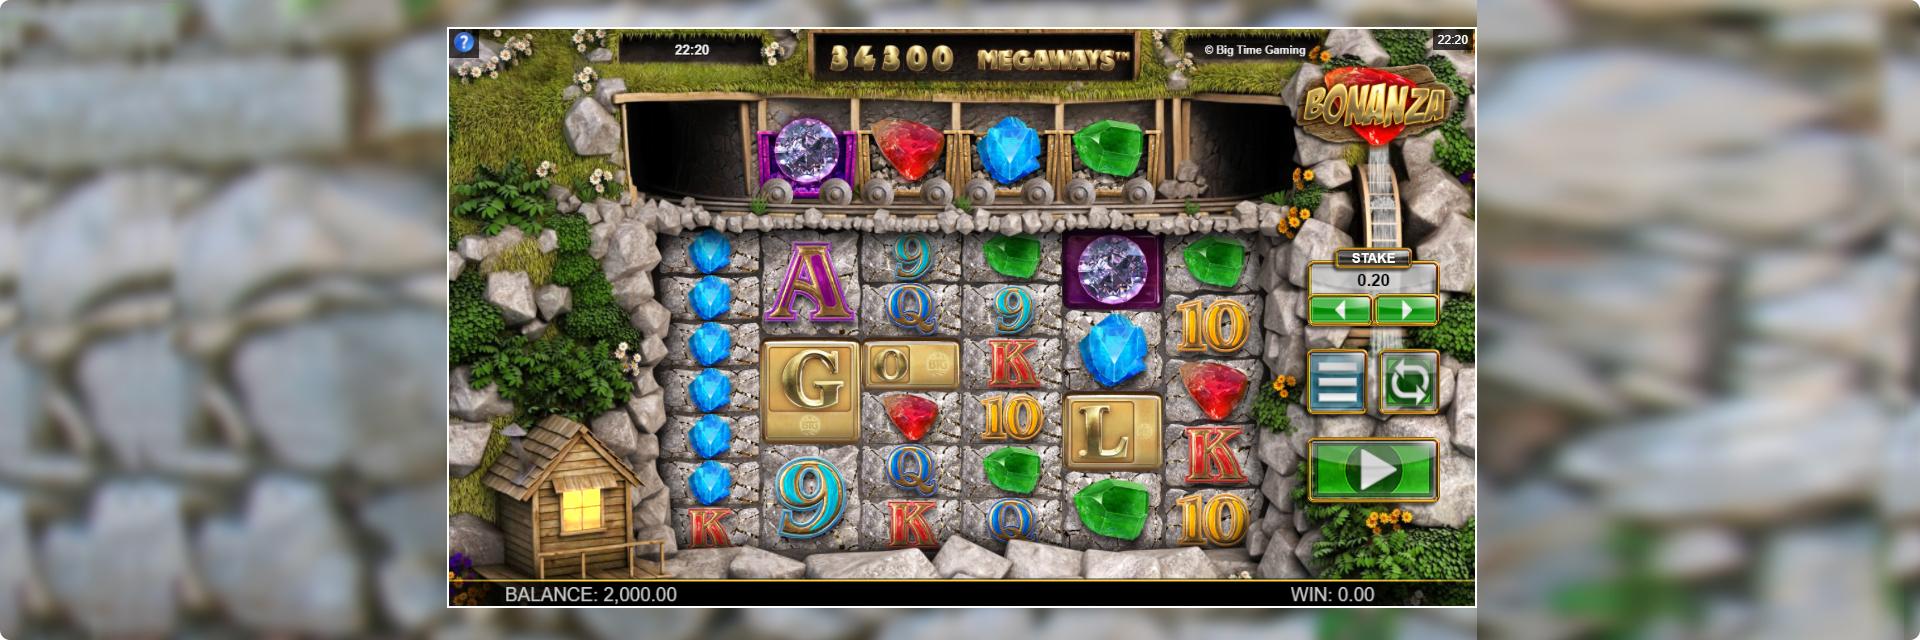 Bonanza Slot Game.